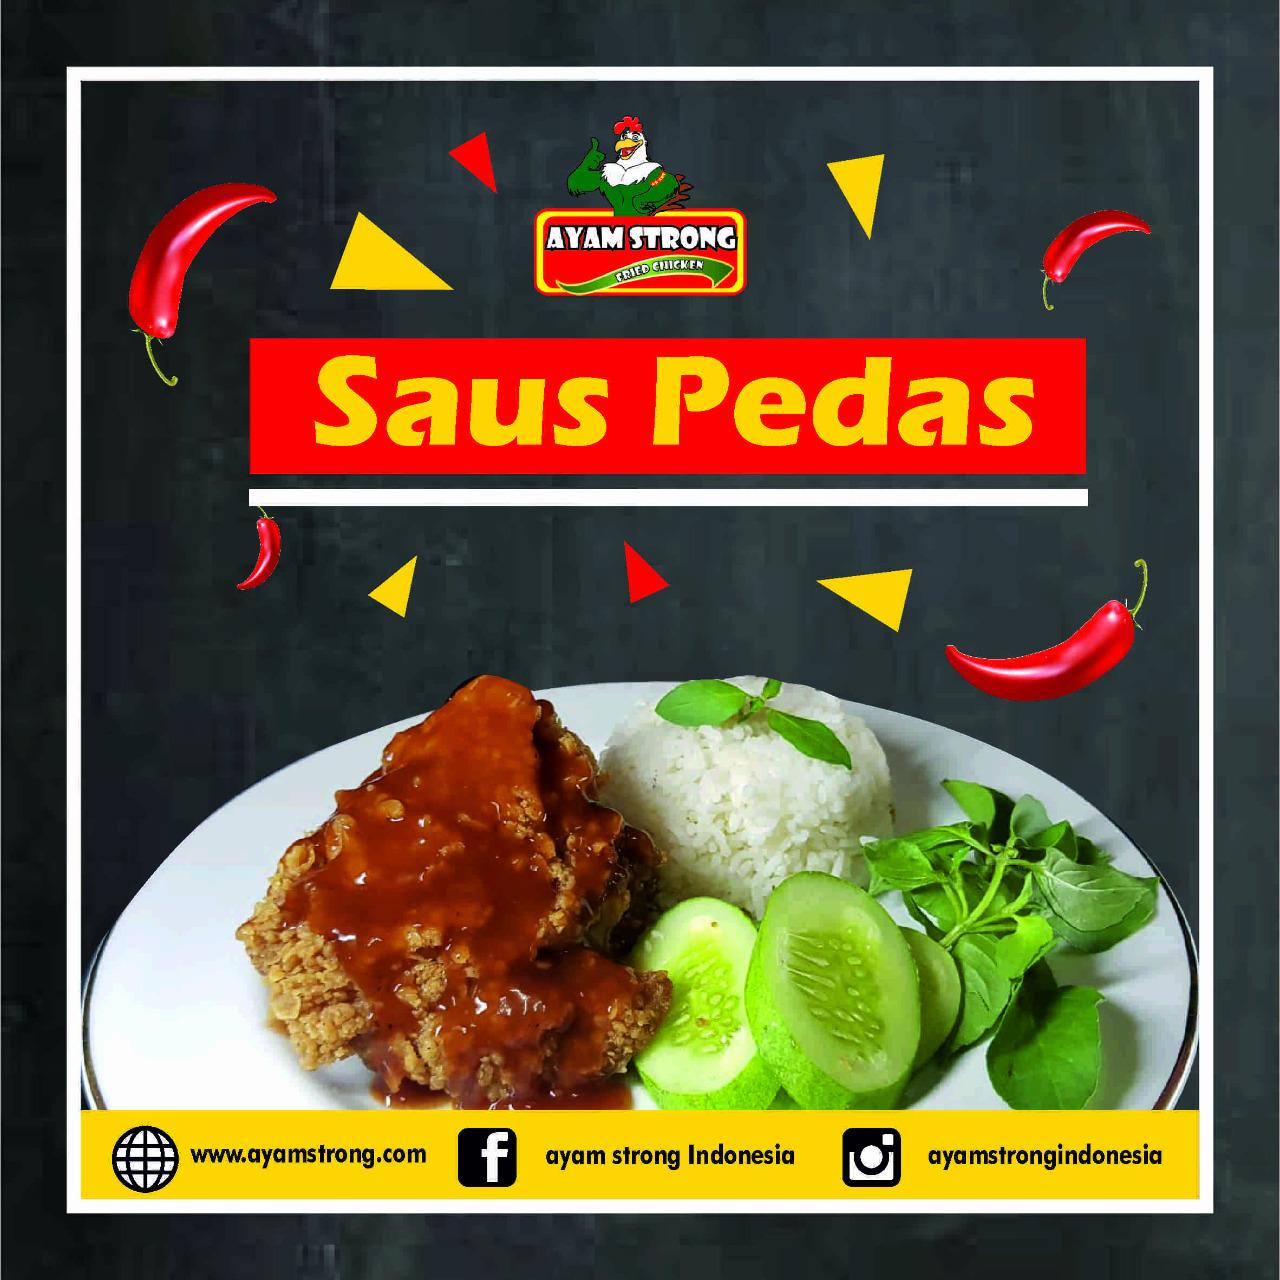 bisnis ayam strong saus pedas